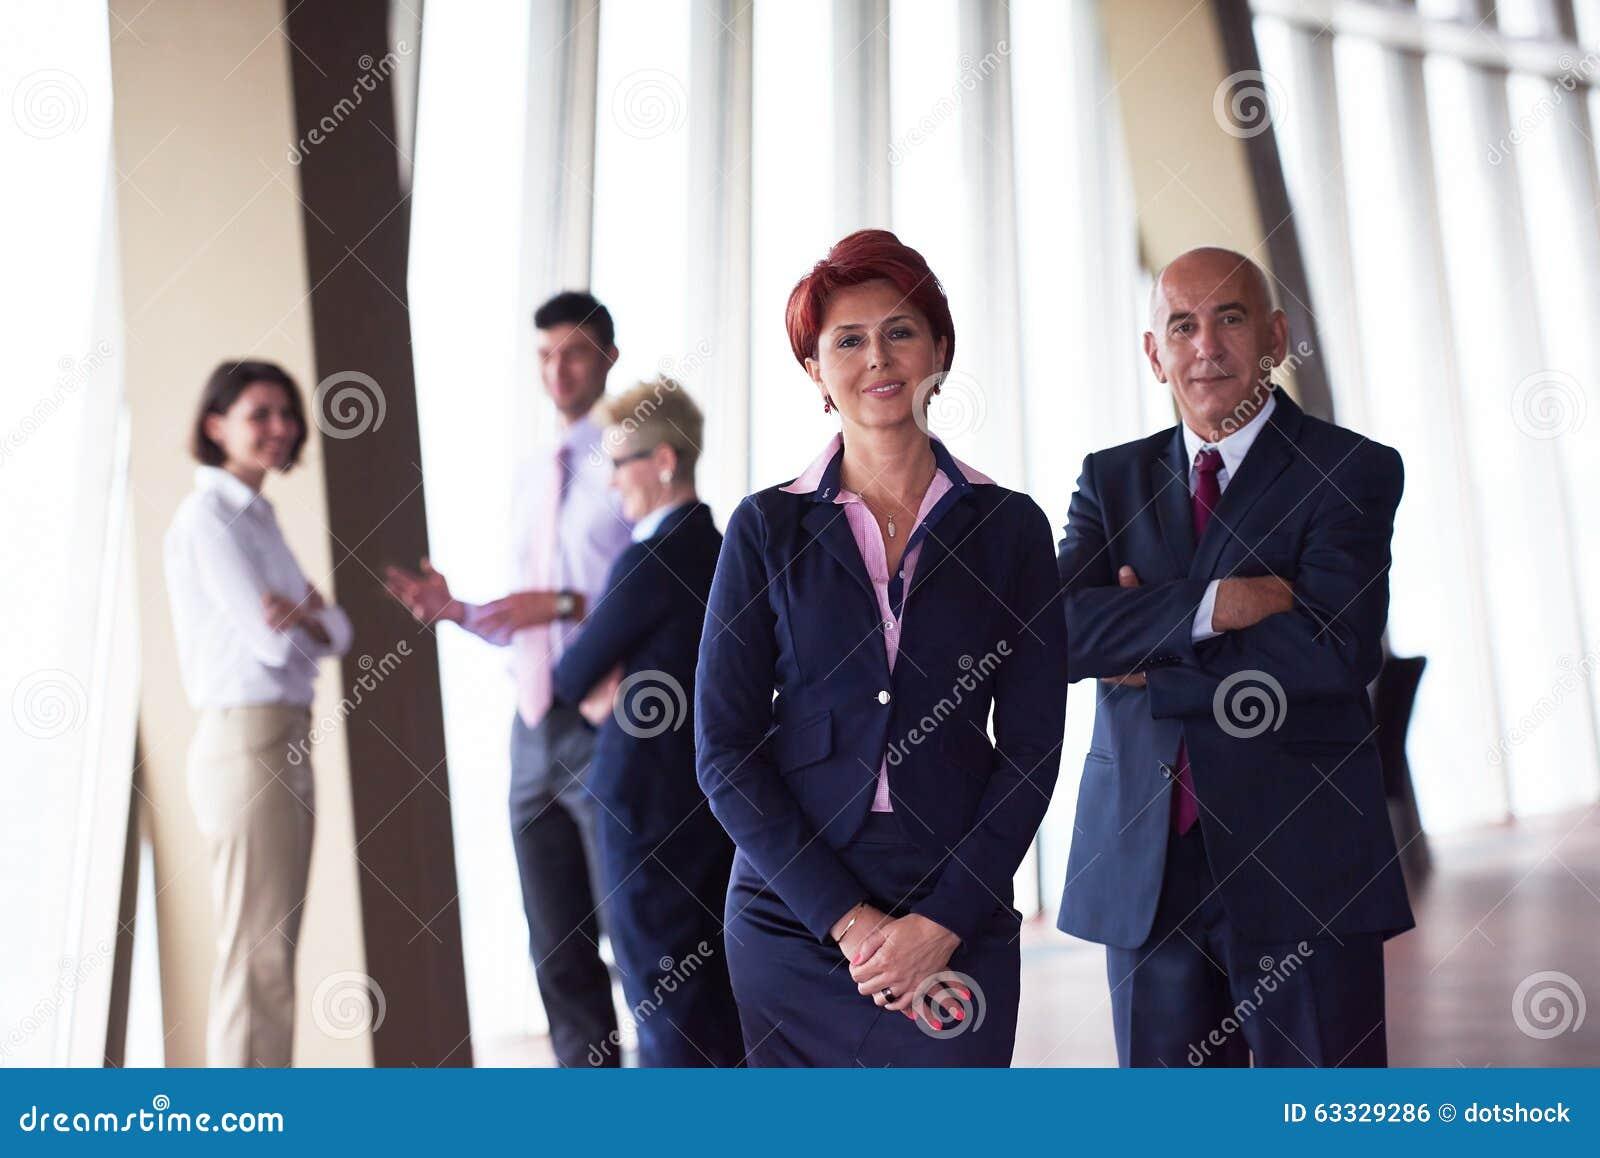 Διαφορετική ομάδα επιχειρηματιών με τη γυναίκα redhair στο μέτωπο